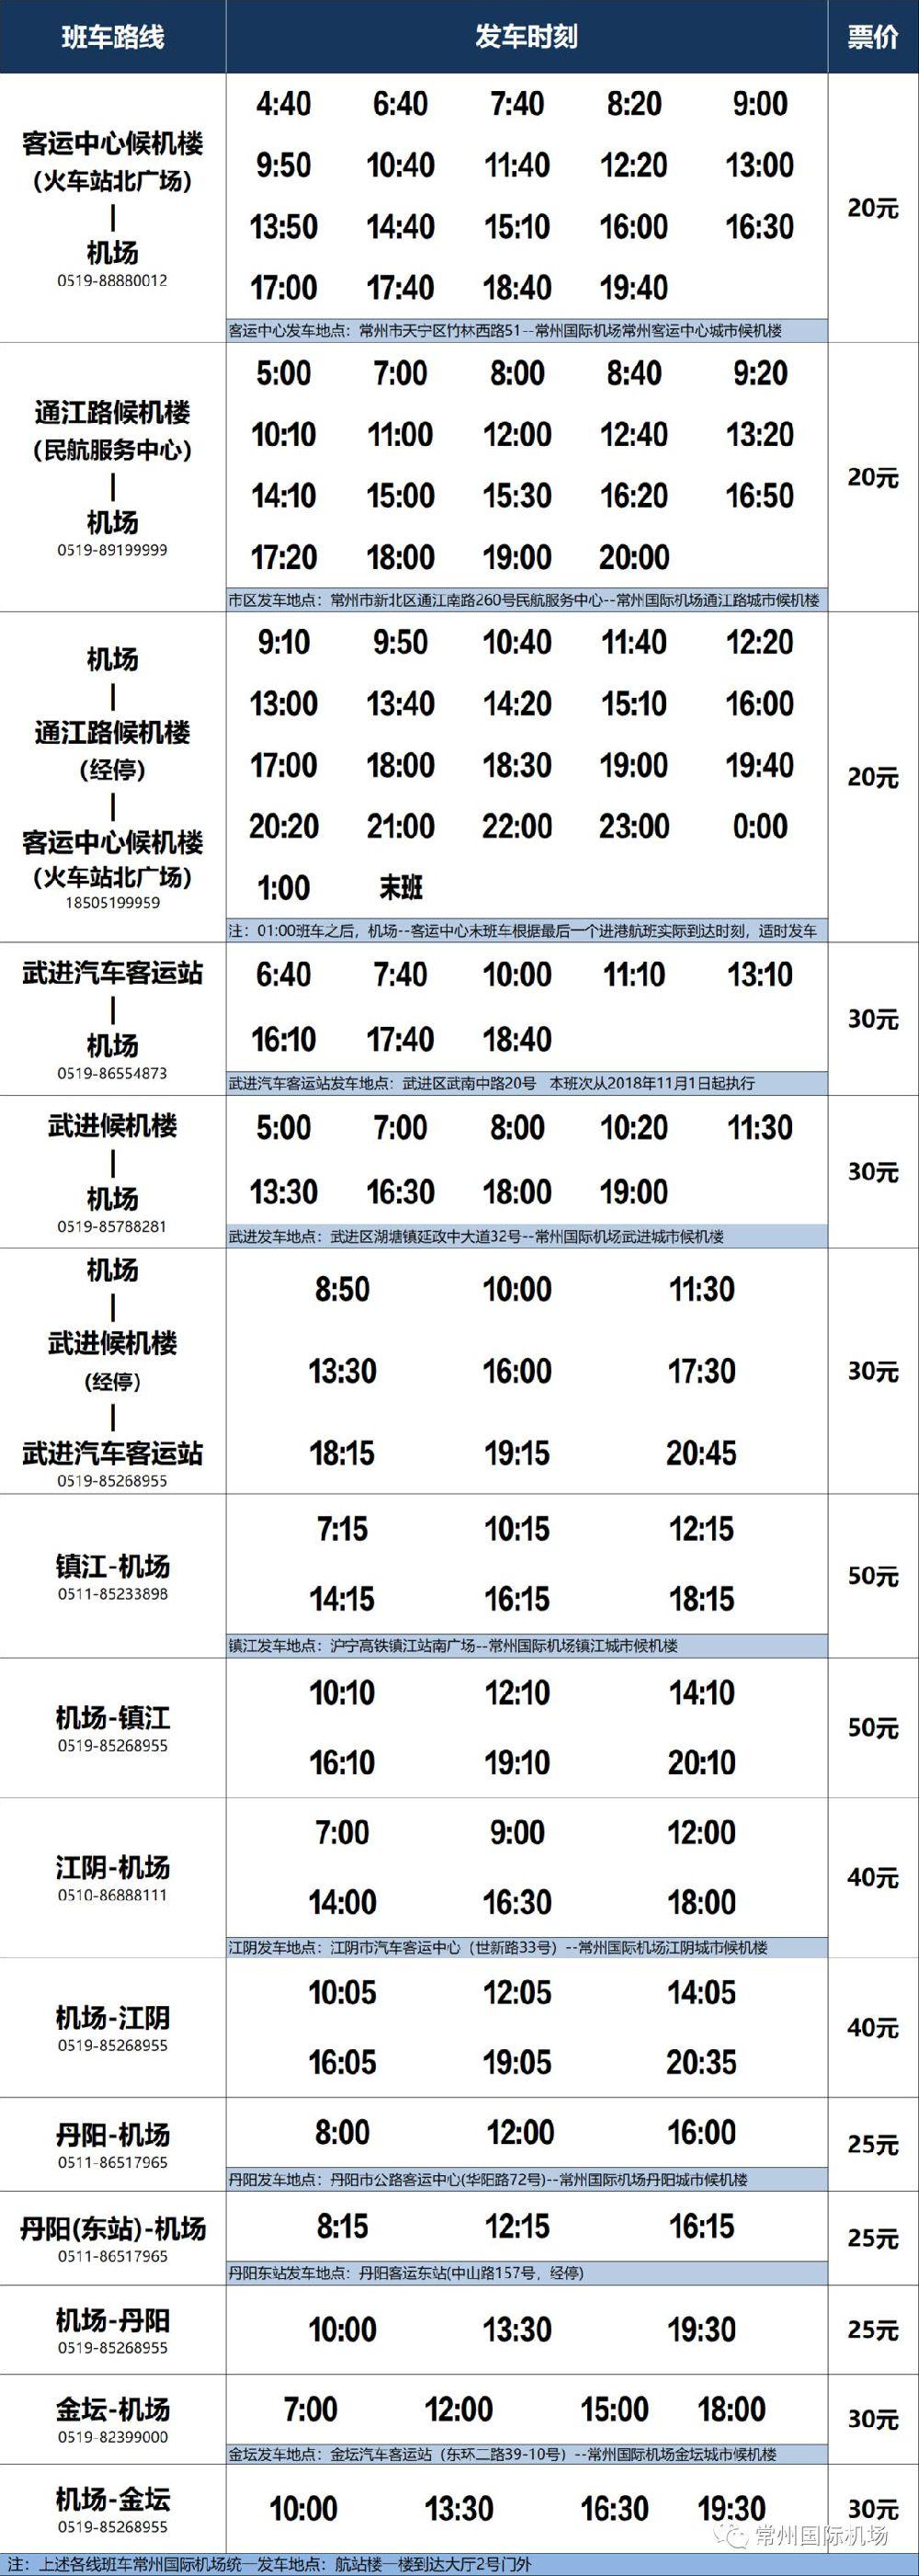 2018常州国际机场大巴时刻表